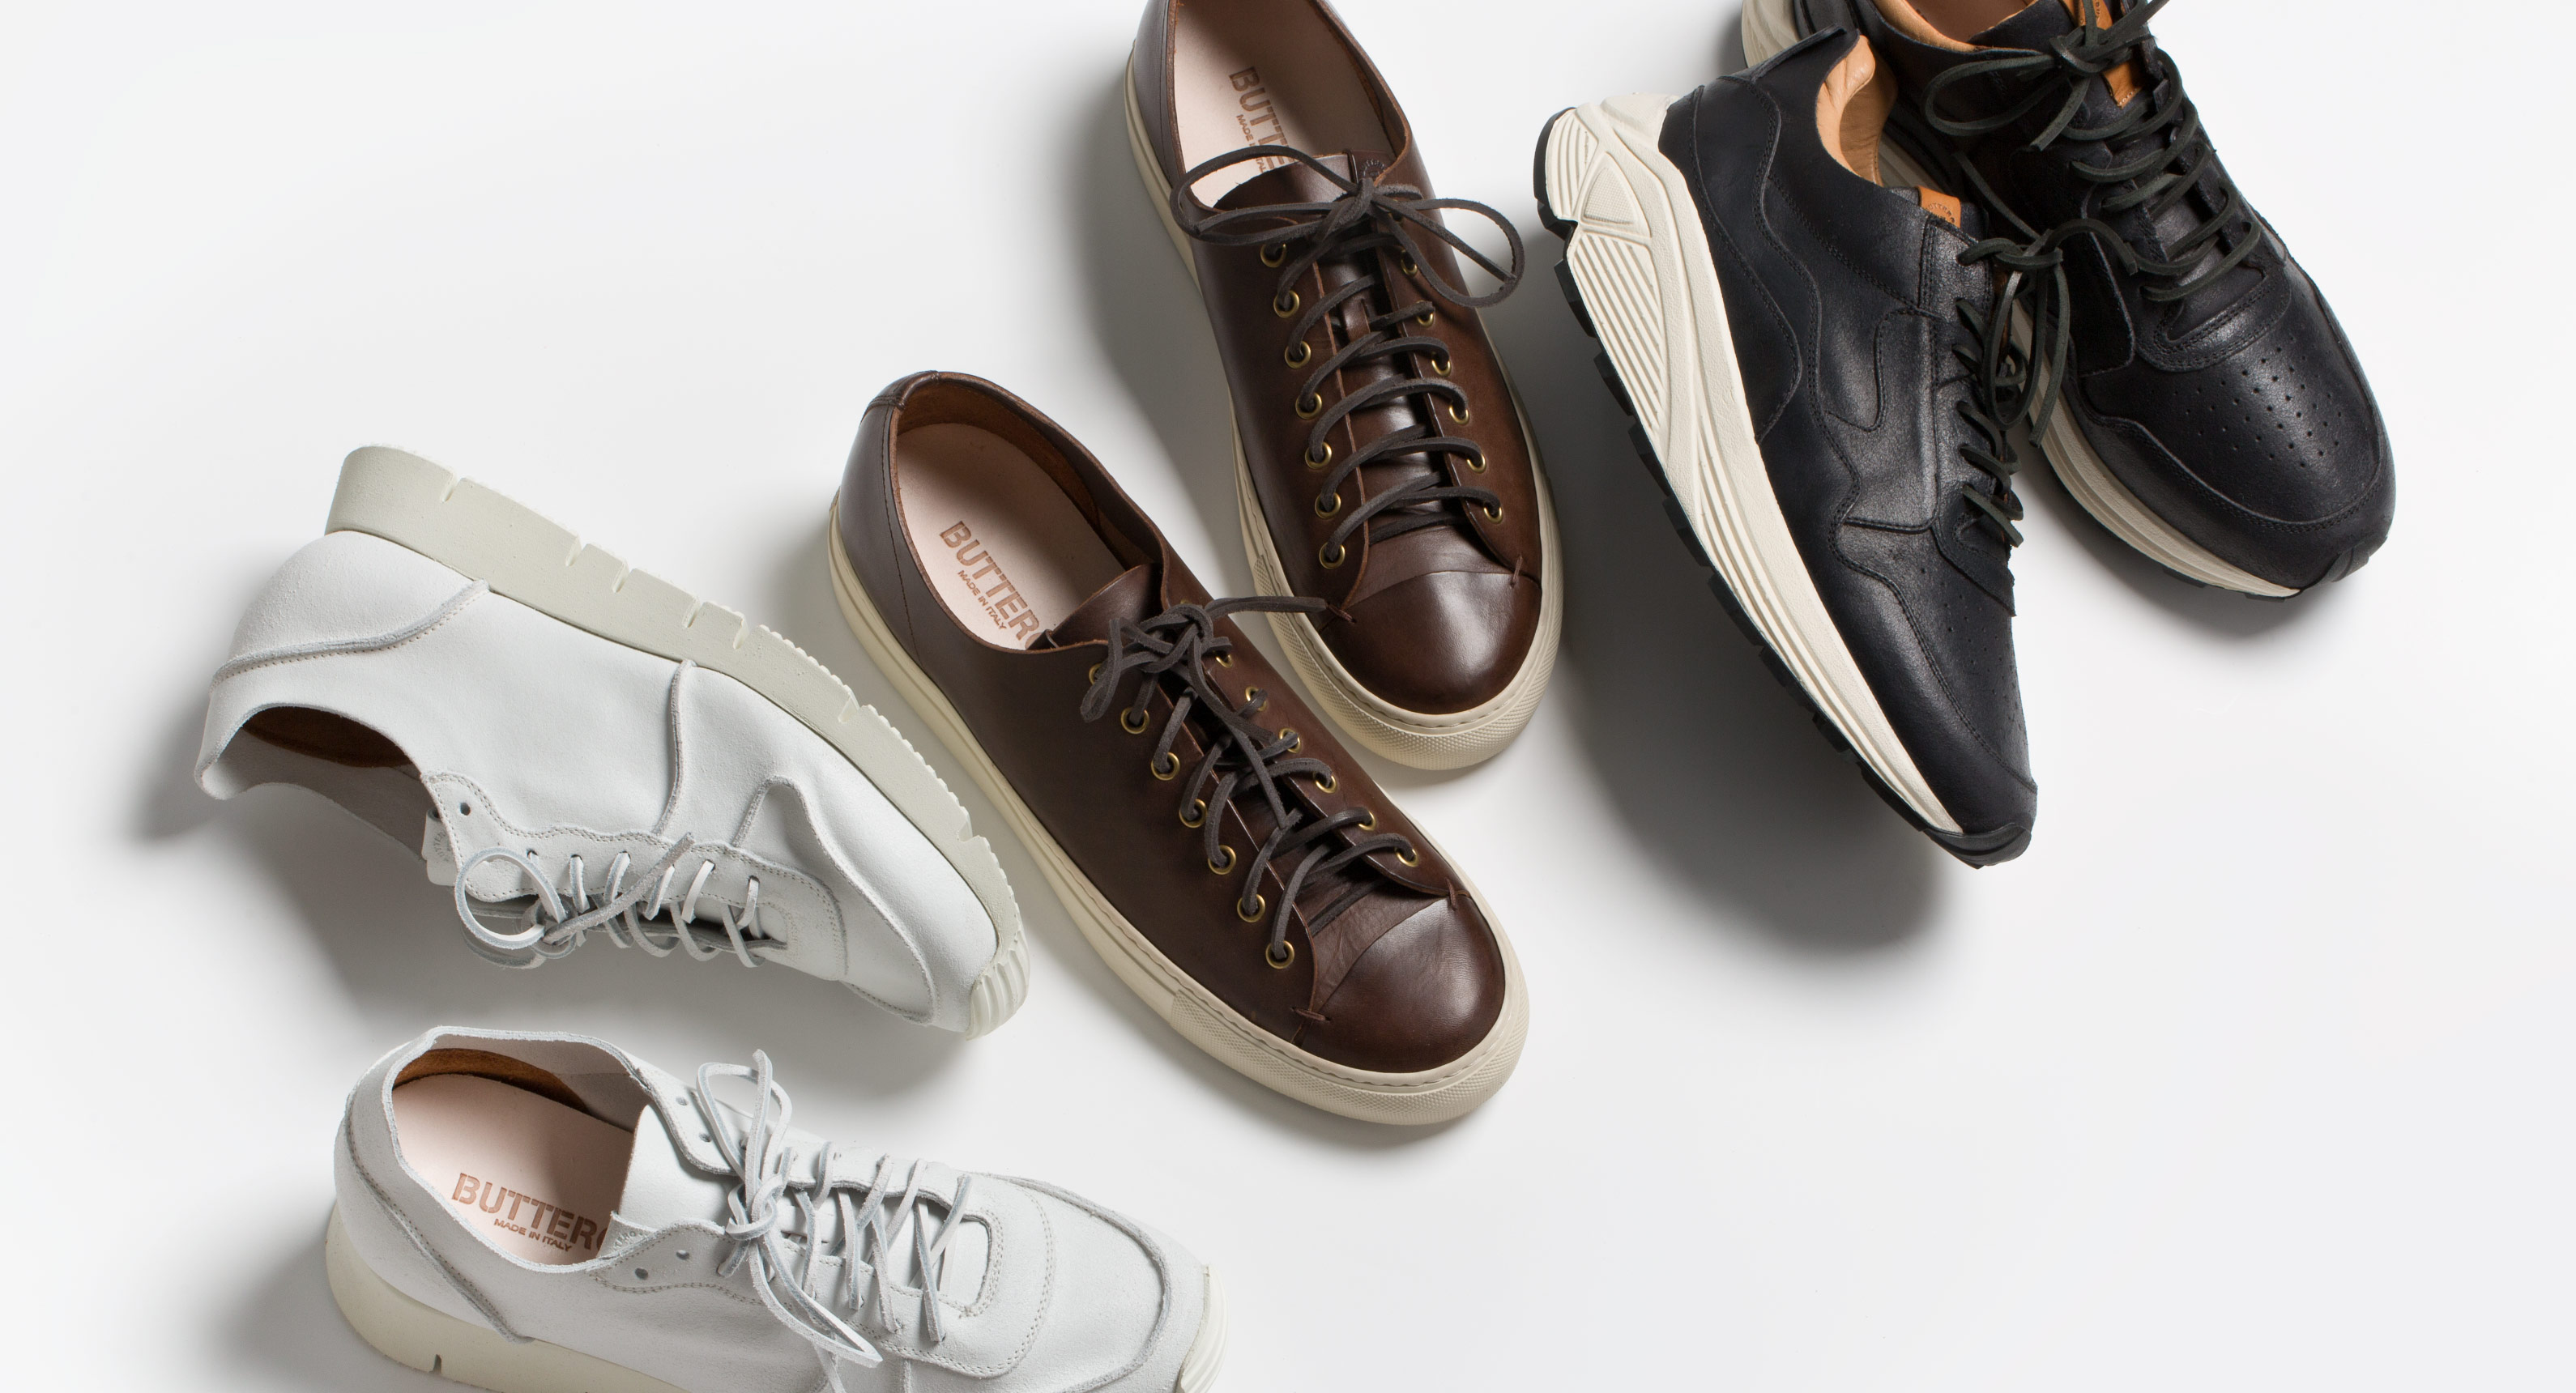 e90e4b415d56 Best Handmade Men's Summer Shoes For 2018 From Buttero | OPUMO